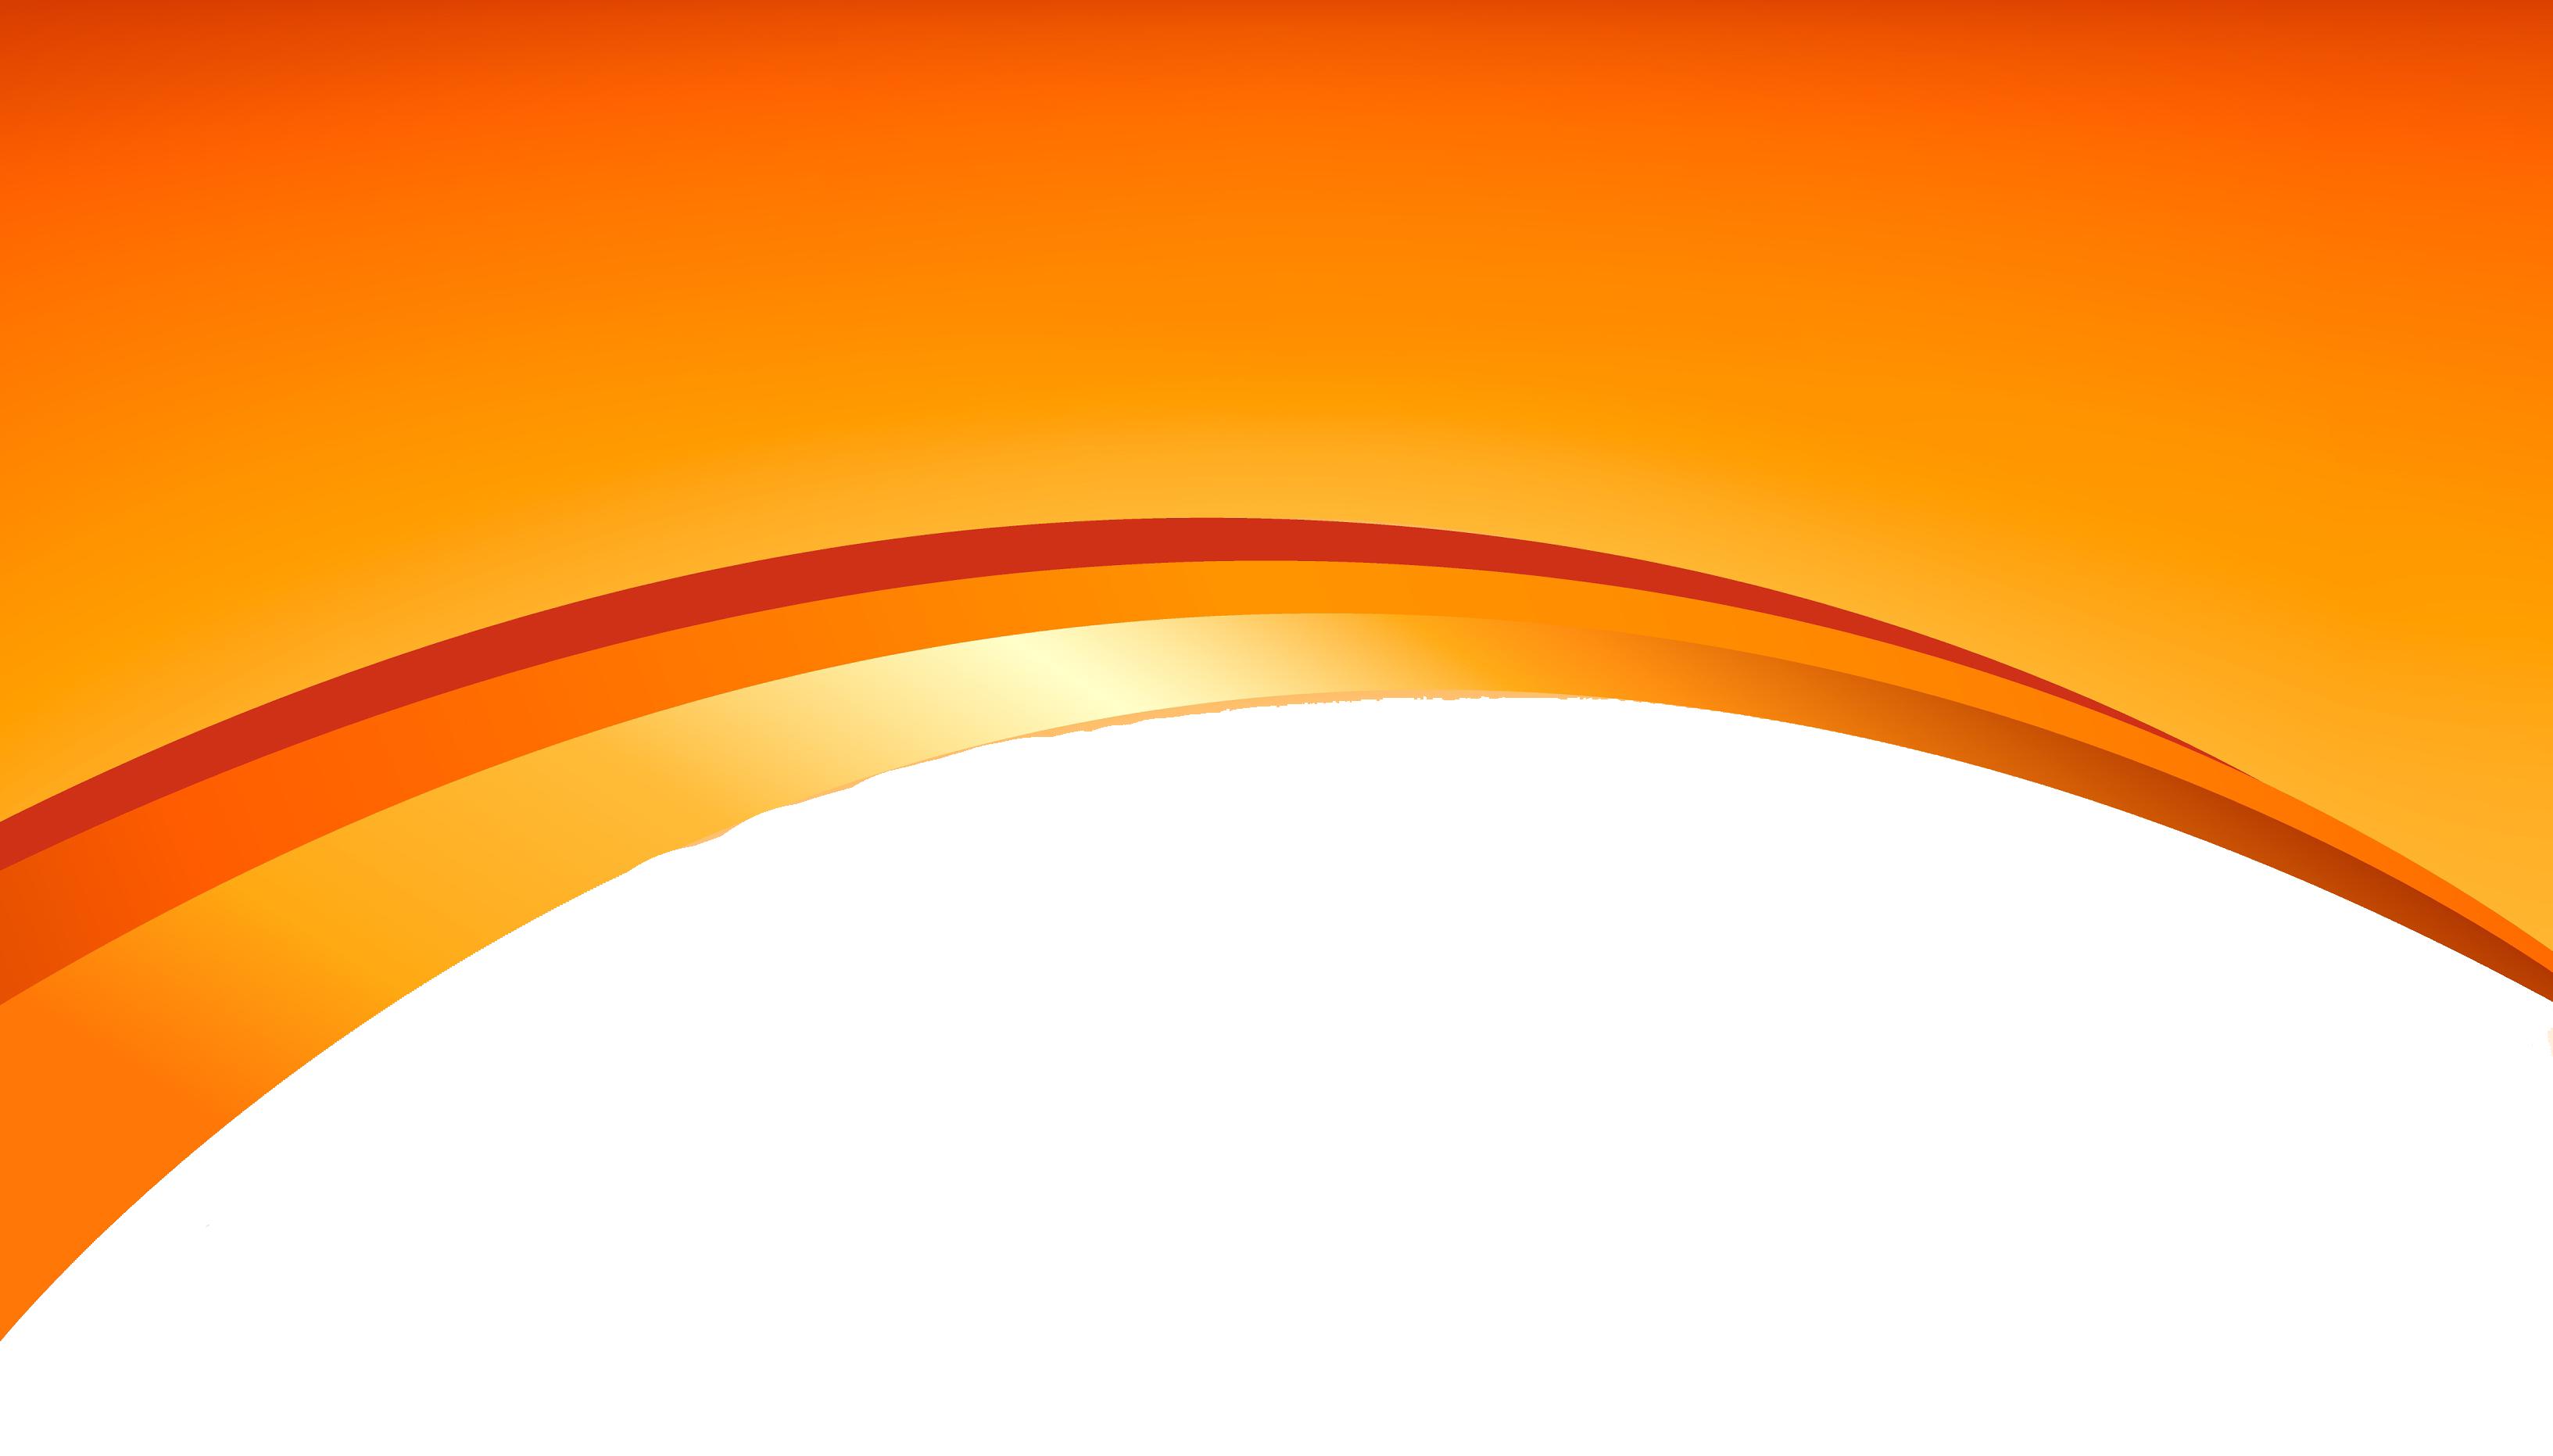 orange and black backgrounds clipart best. Black Bedroom Furniture Sets. Home Design Ideas